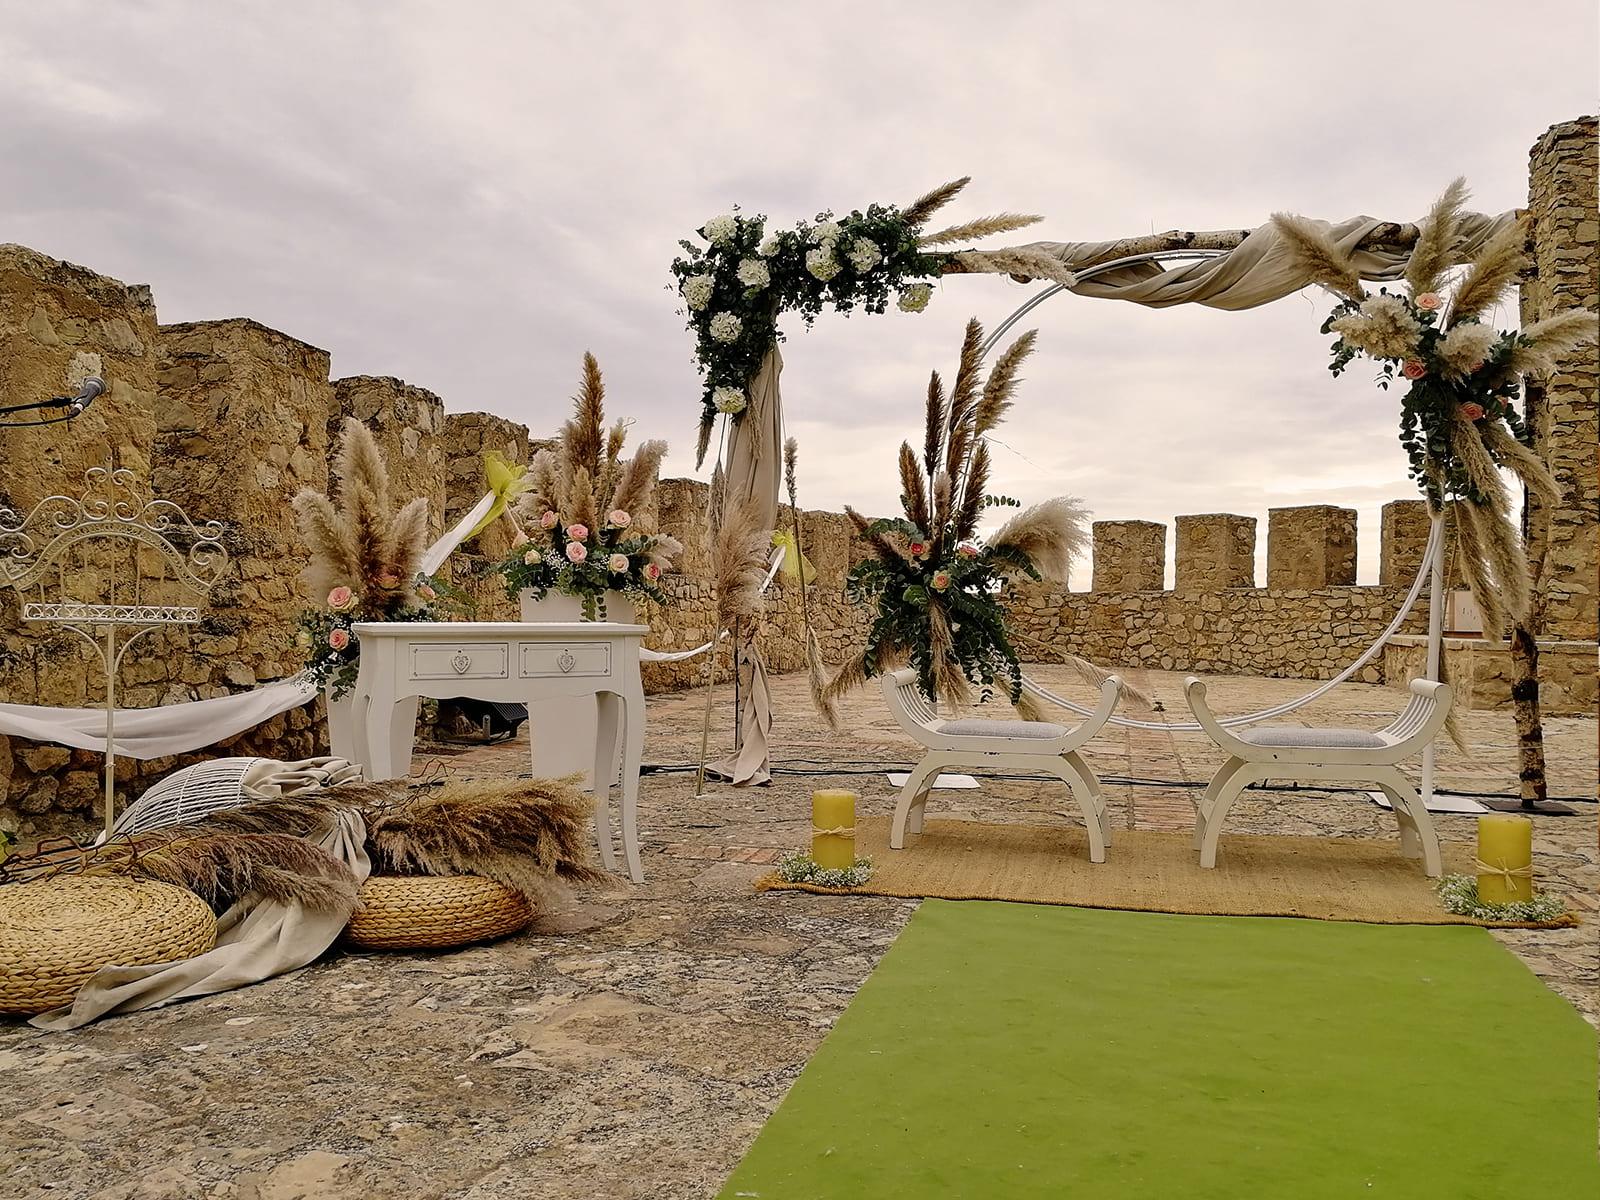 boda-civil-castillo-tonos-verdes-LJ-06_HIDROJARDIN-Bañeres